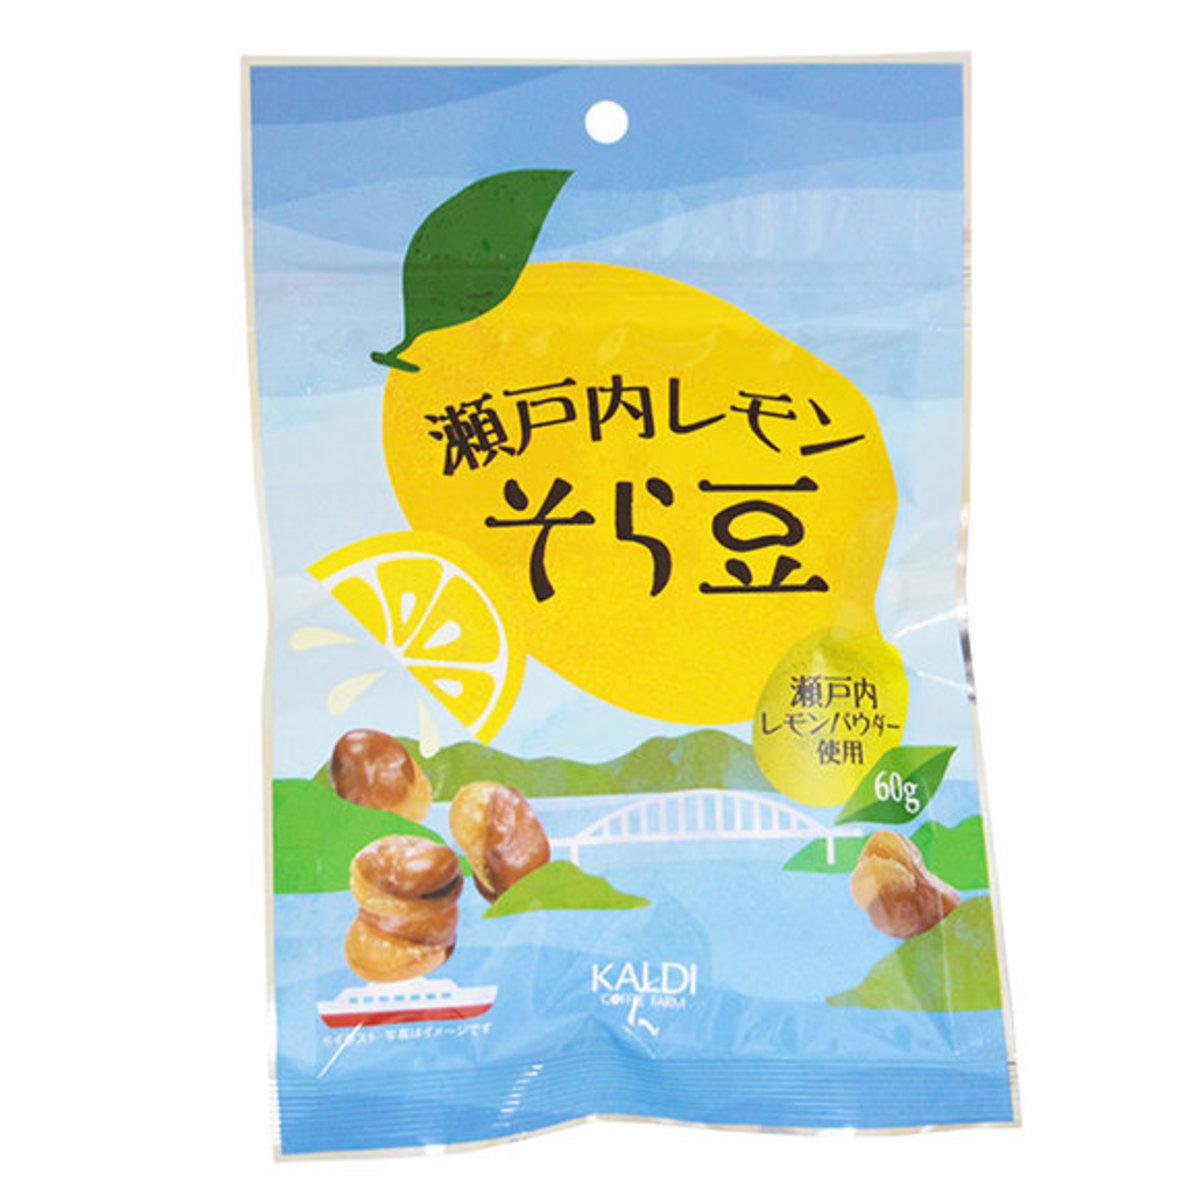 [夏季限定] 日本製 檸檬香味炸蠶豆 1包 (60g) [賞味期限:2019年10月7日]